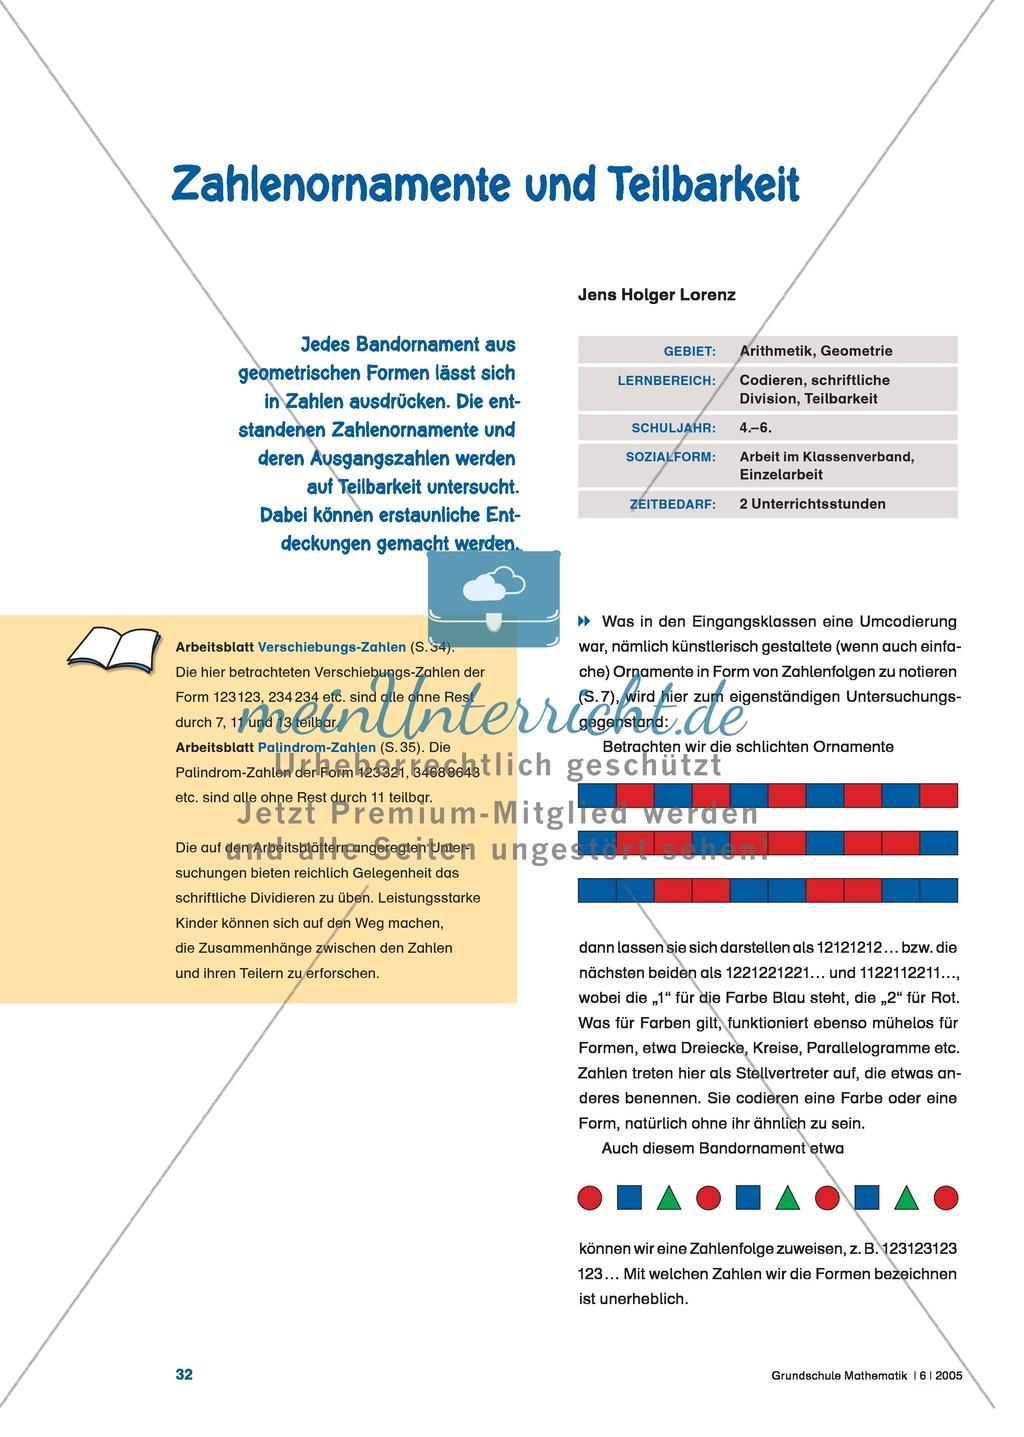 Fein Medical Billing Und Codierung Der Resume Ziele Fotos - Bilder ...